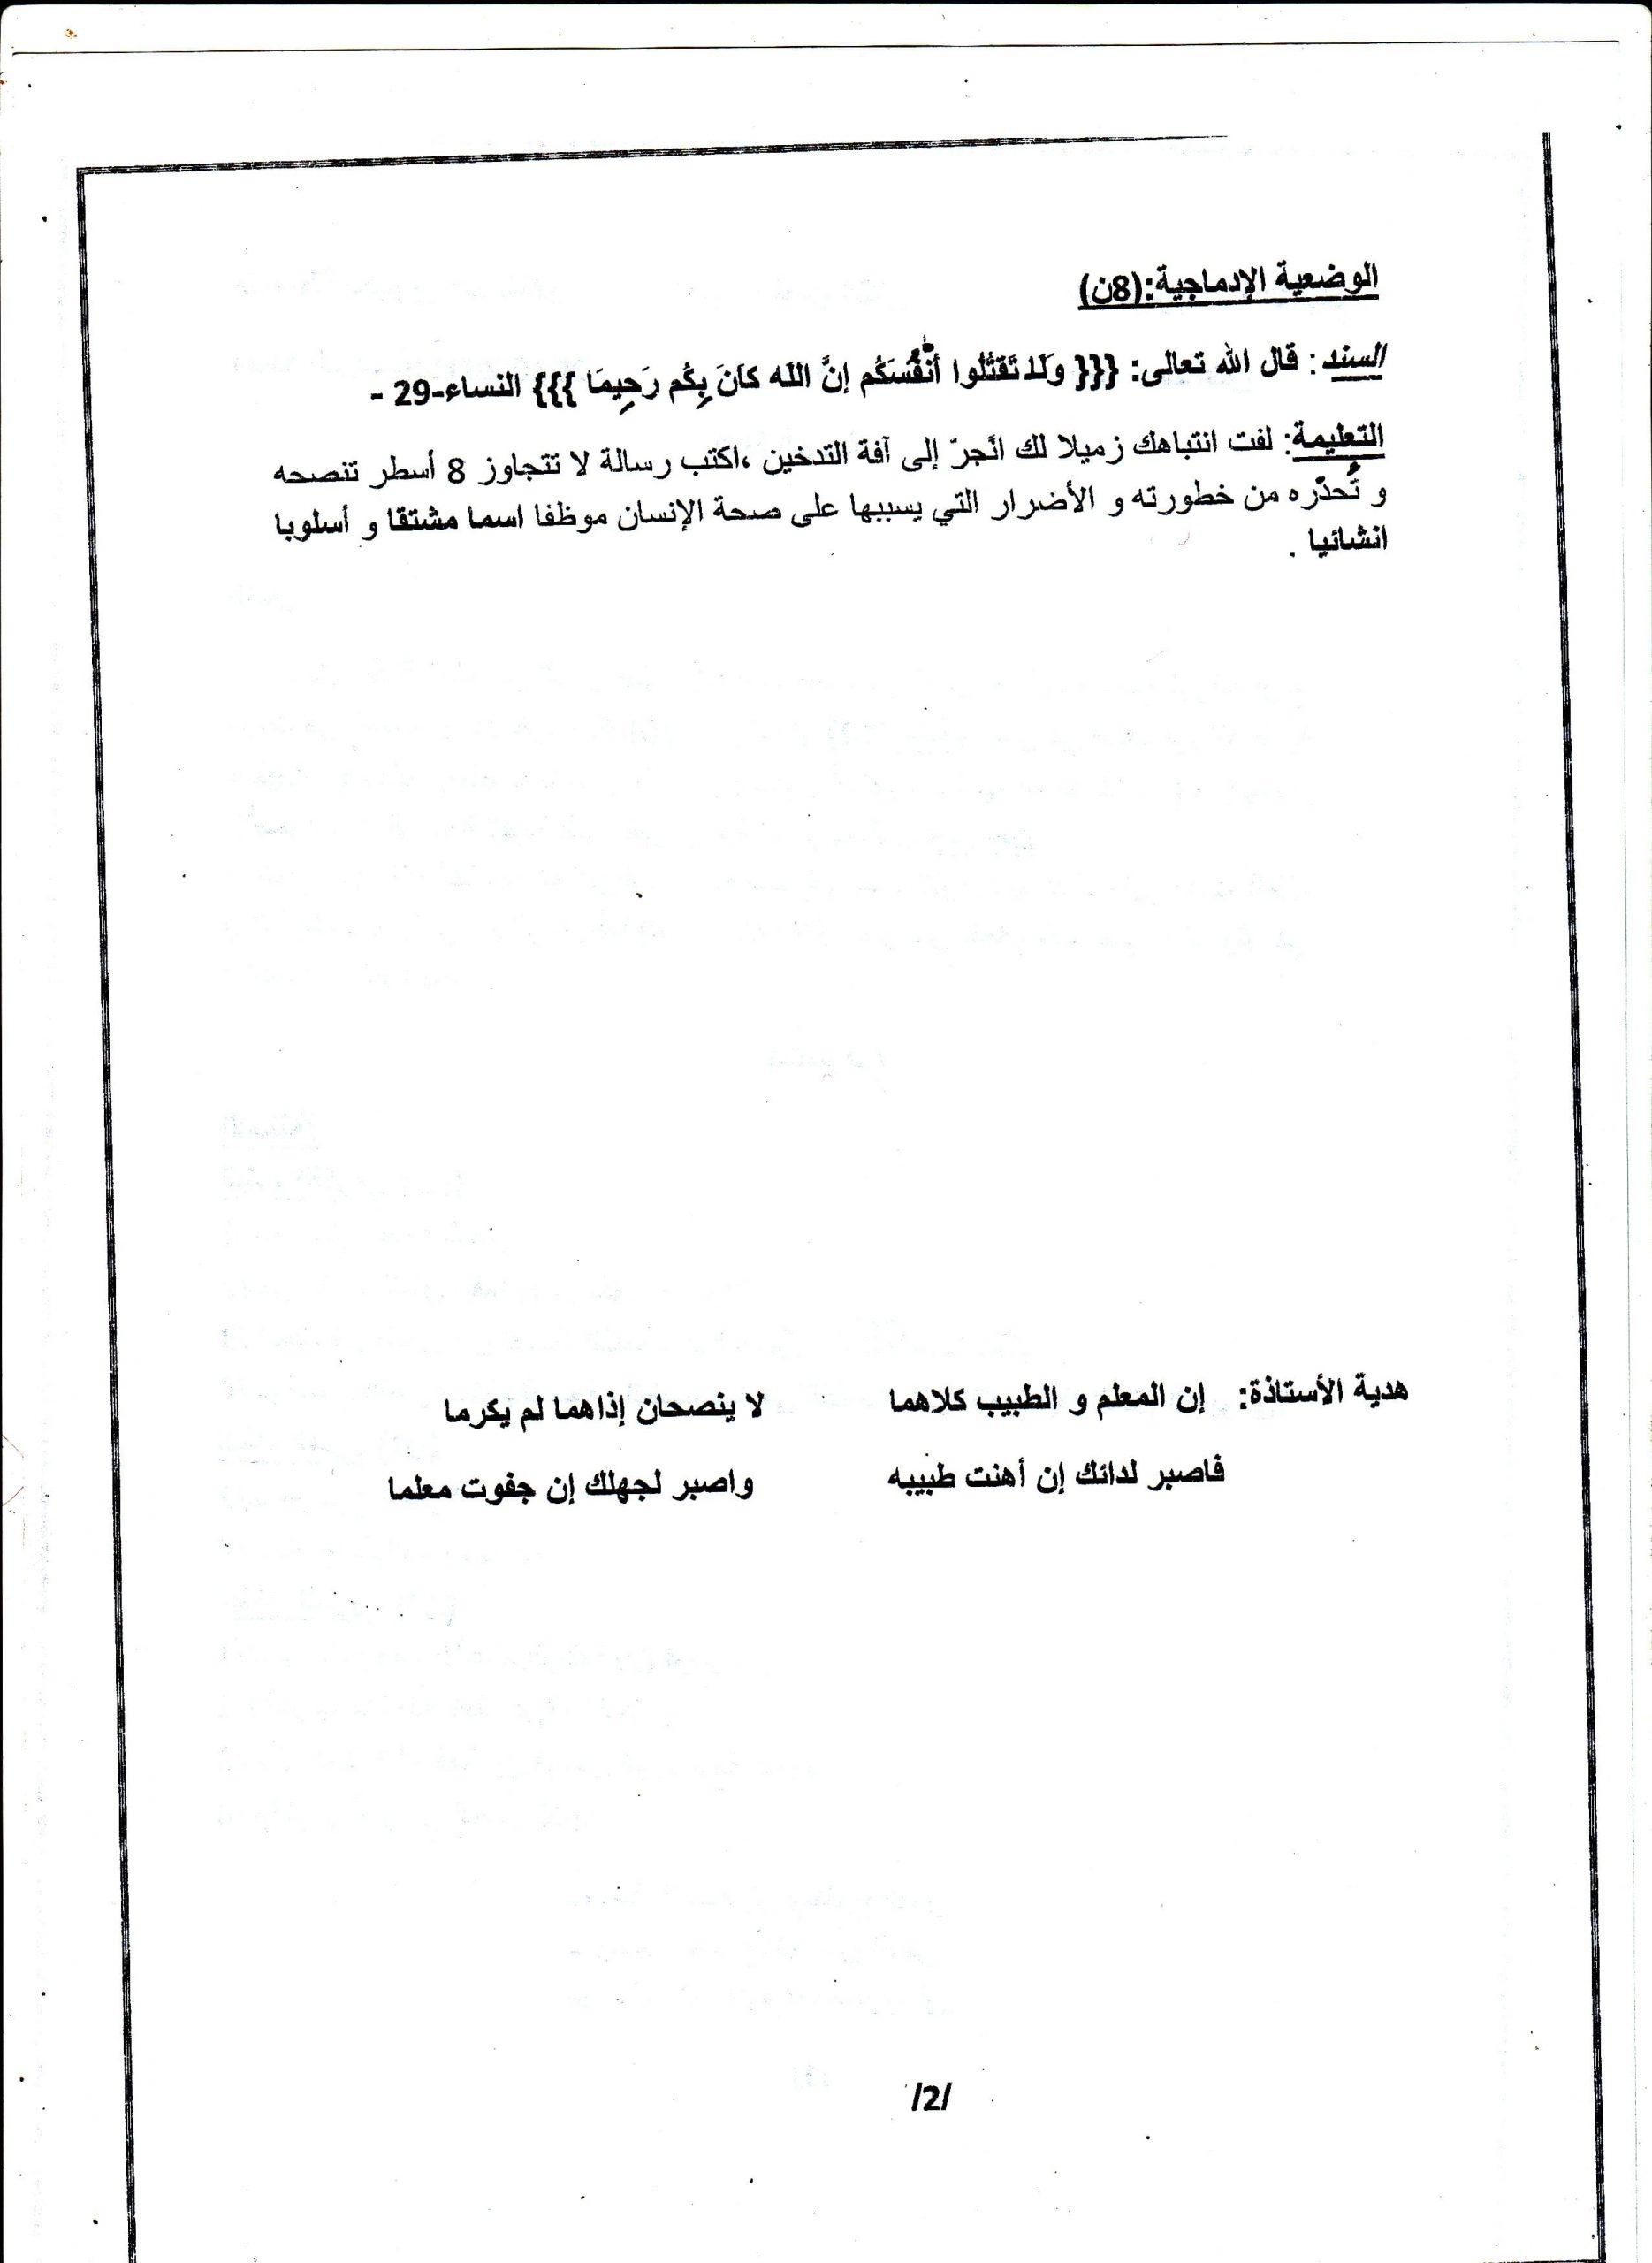 اختبار الفصل الثاني في اللغة العربية للسنة الثانية متوسط - الموضوع 04